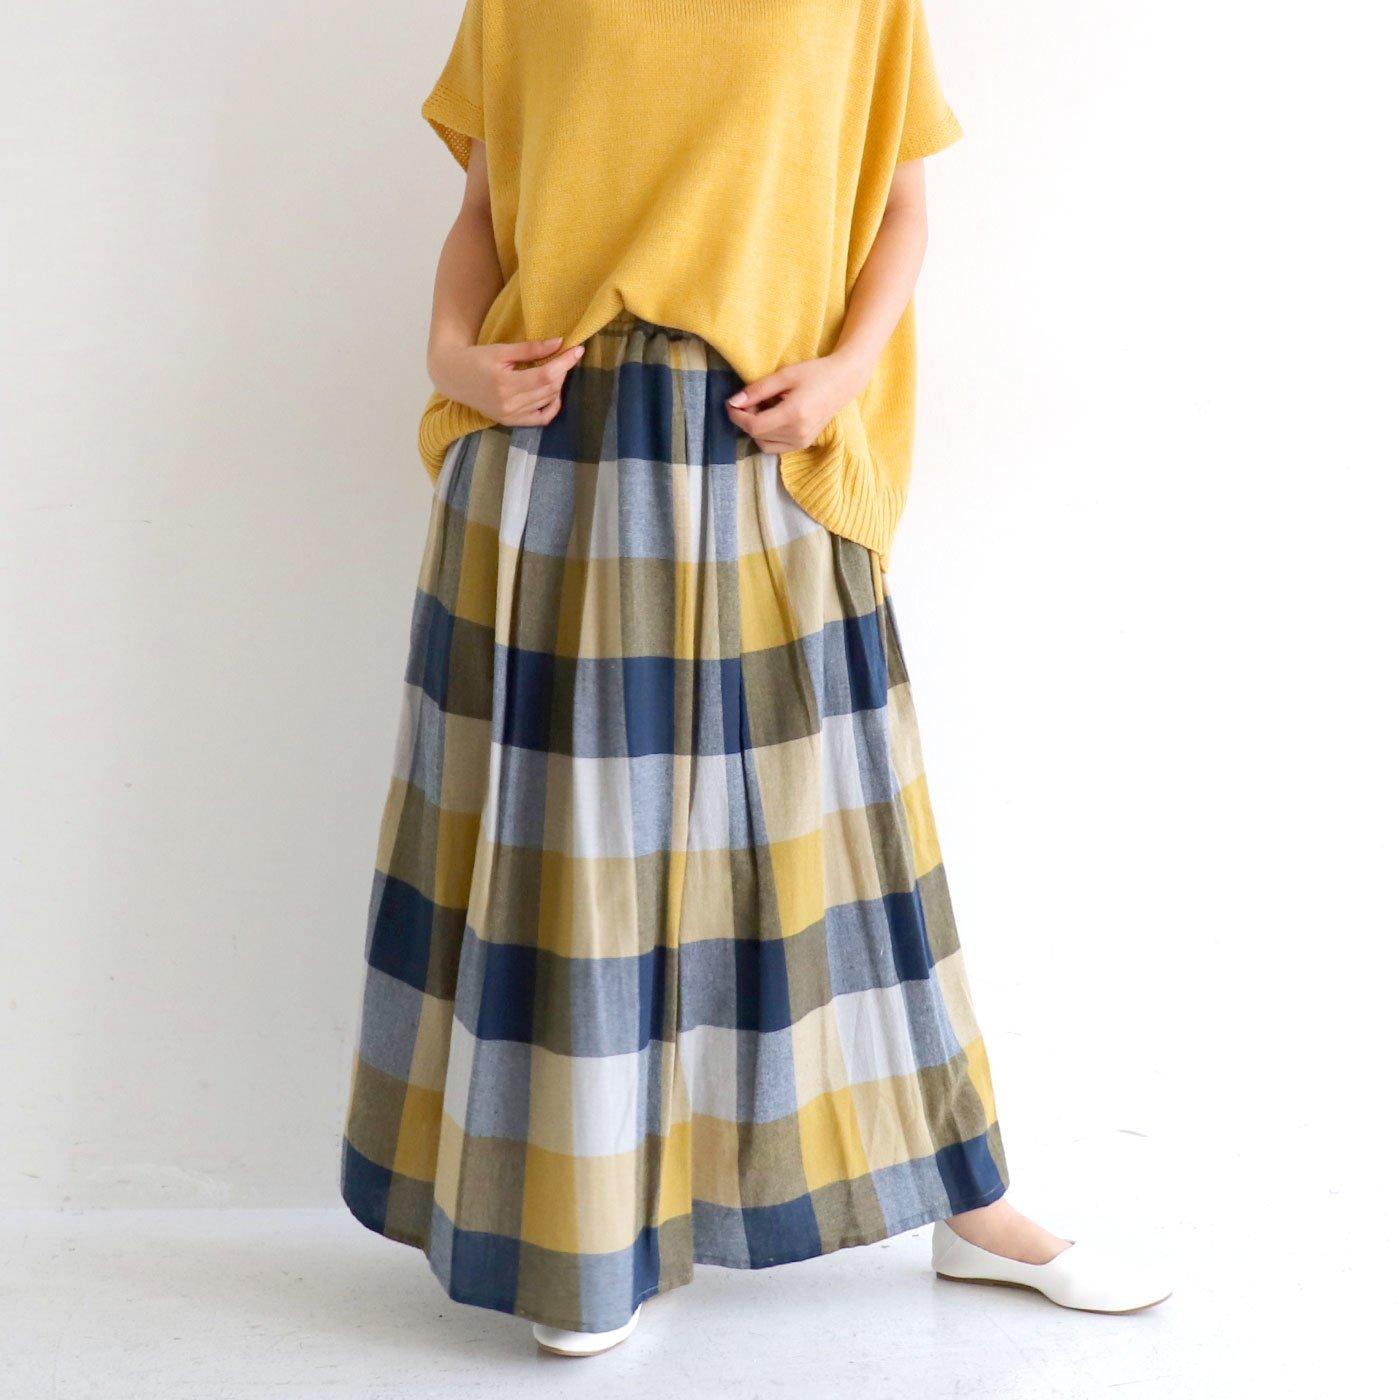 クローゼットカプリ ネル素材がかわいい ふわっとAライン 大判チェックロングスカート